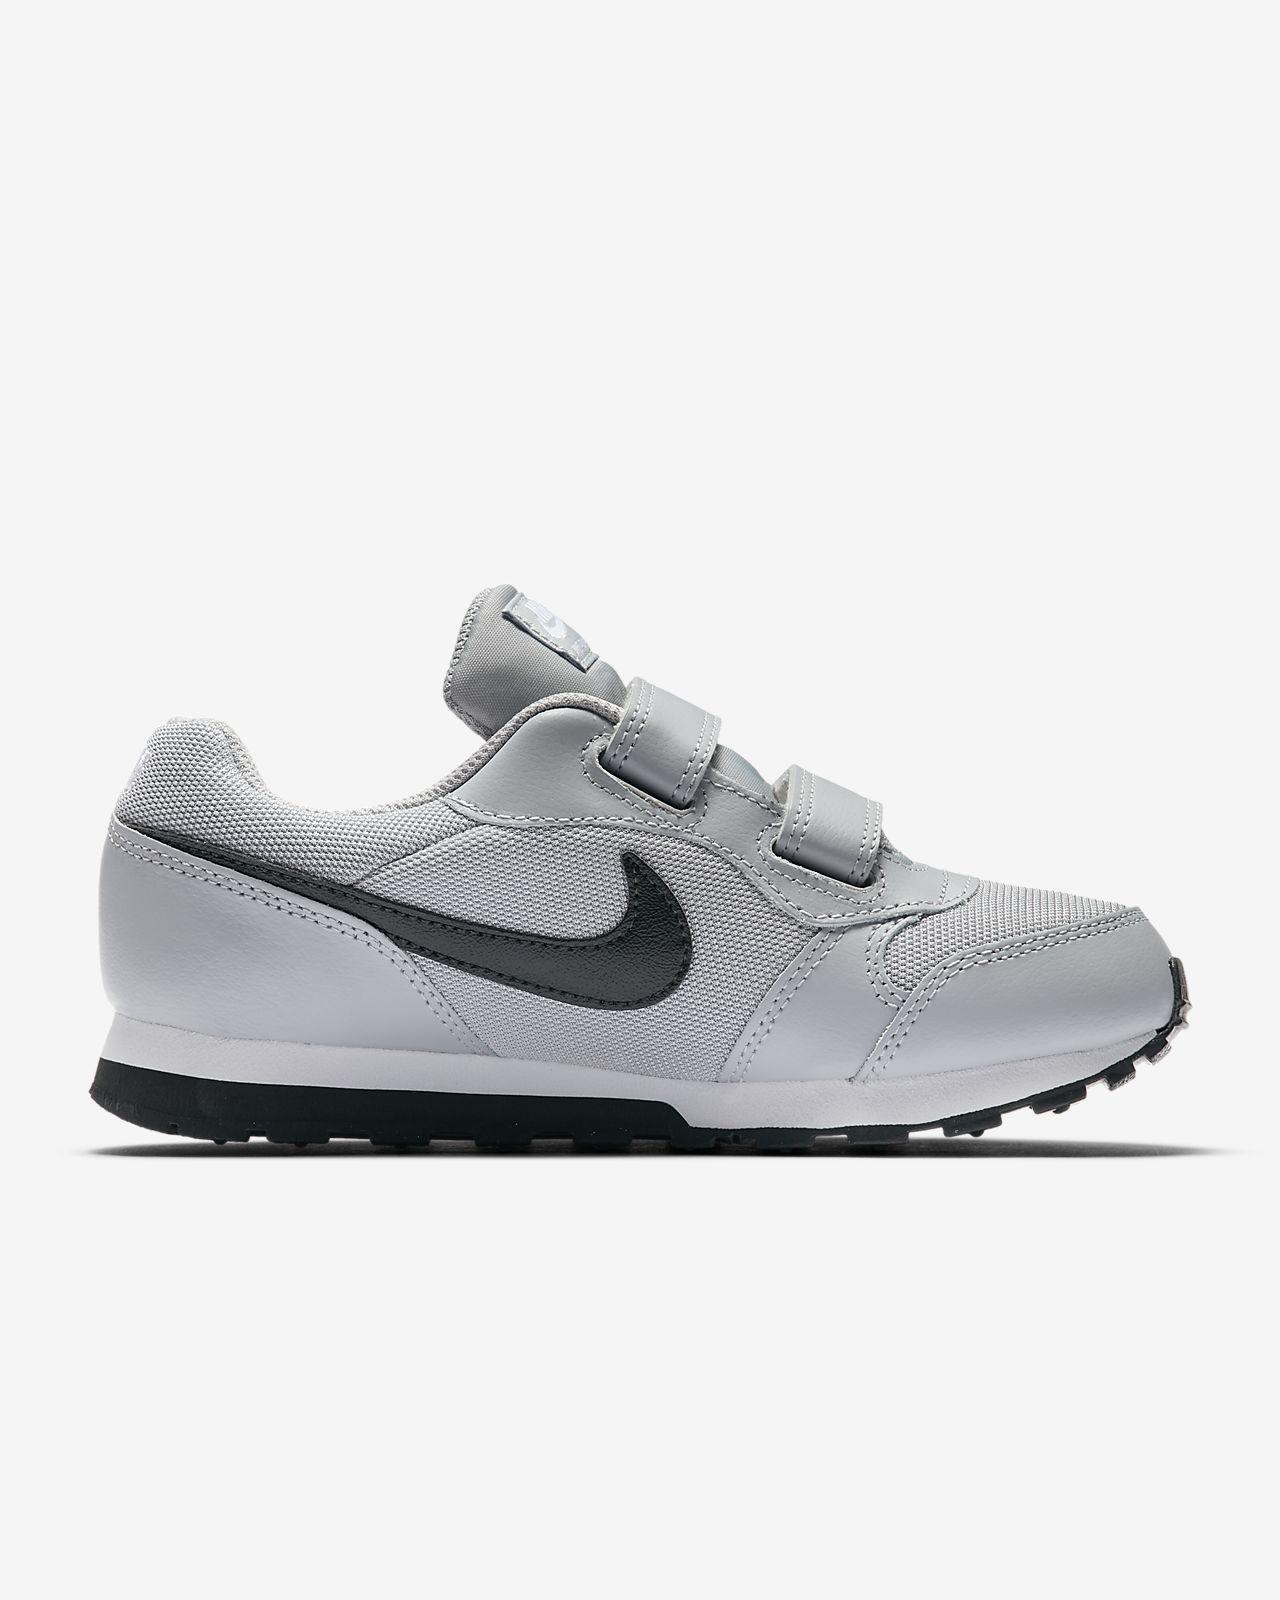 Precio inferior Nike Md Runner 2 Zapatillas bajas Mujer Gris